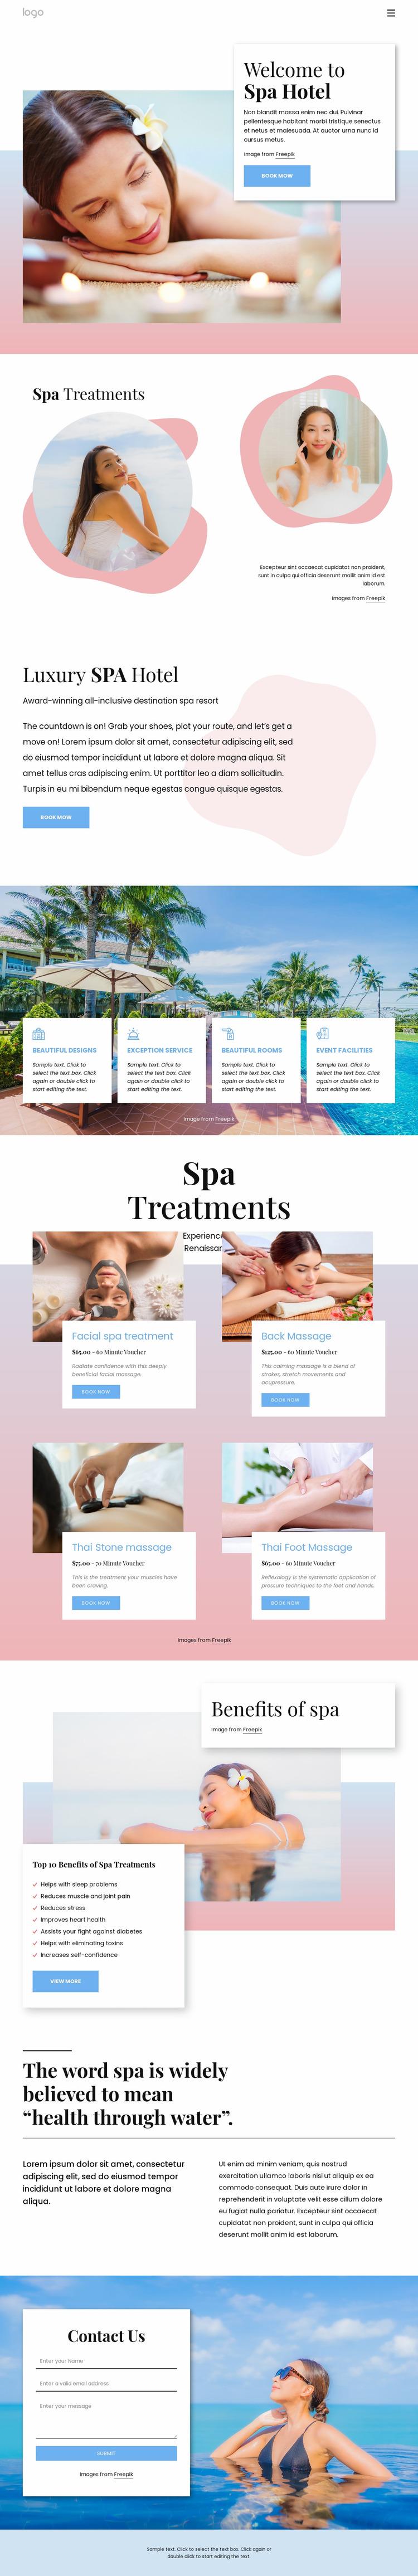 Spa boutique hotel Website Mockup